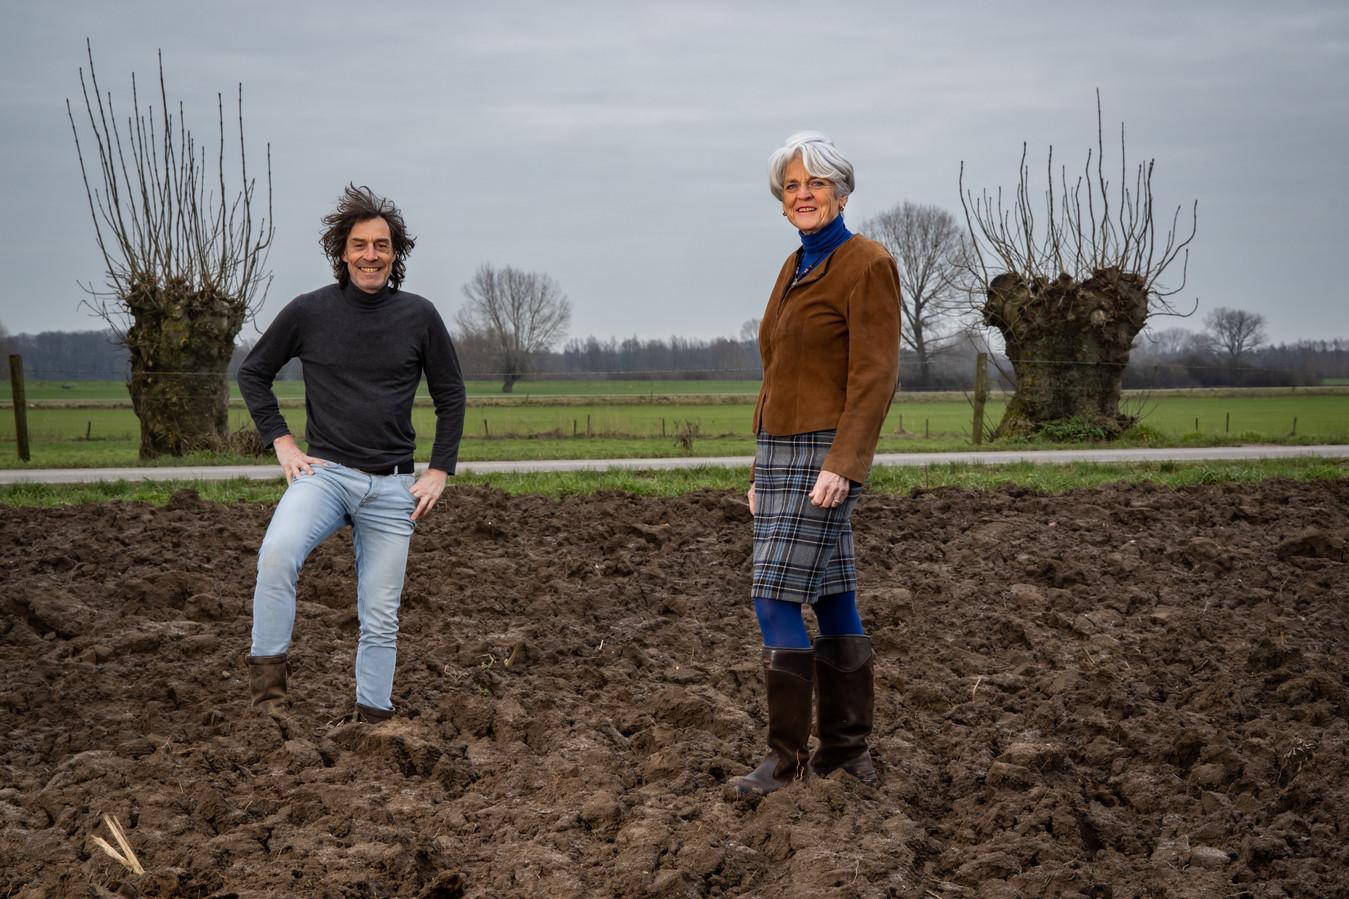 Fotograaf Evert van de Worp (l) en Lidy Klein Holkenborg in de Wilpse klei.